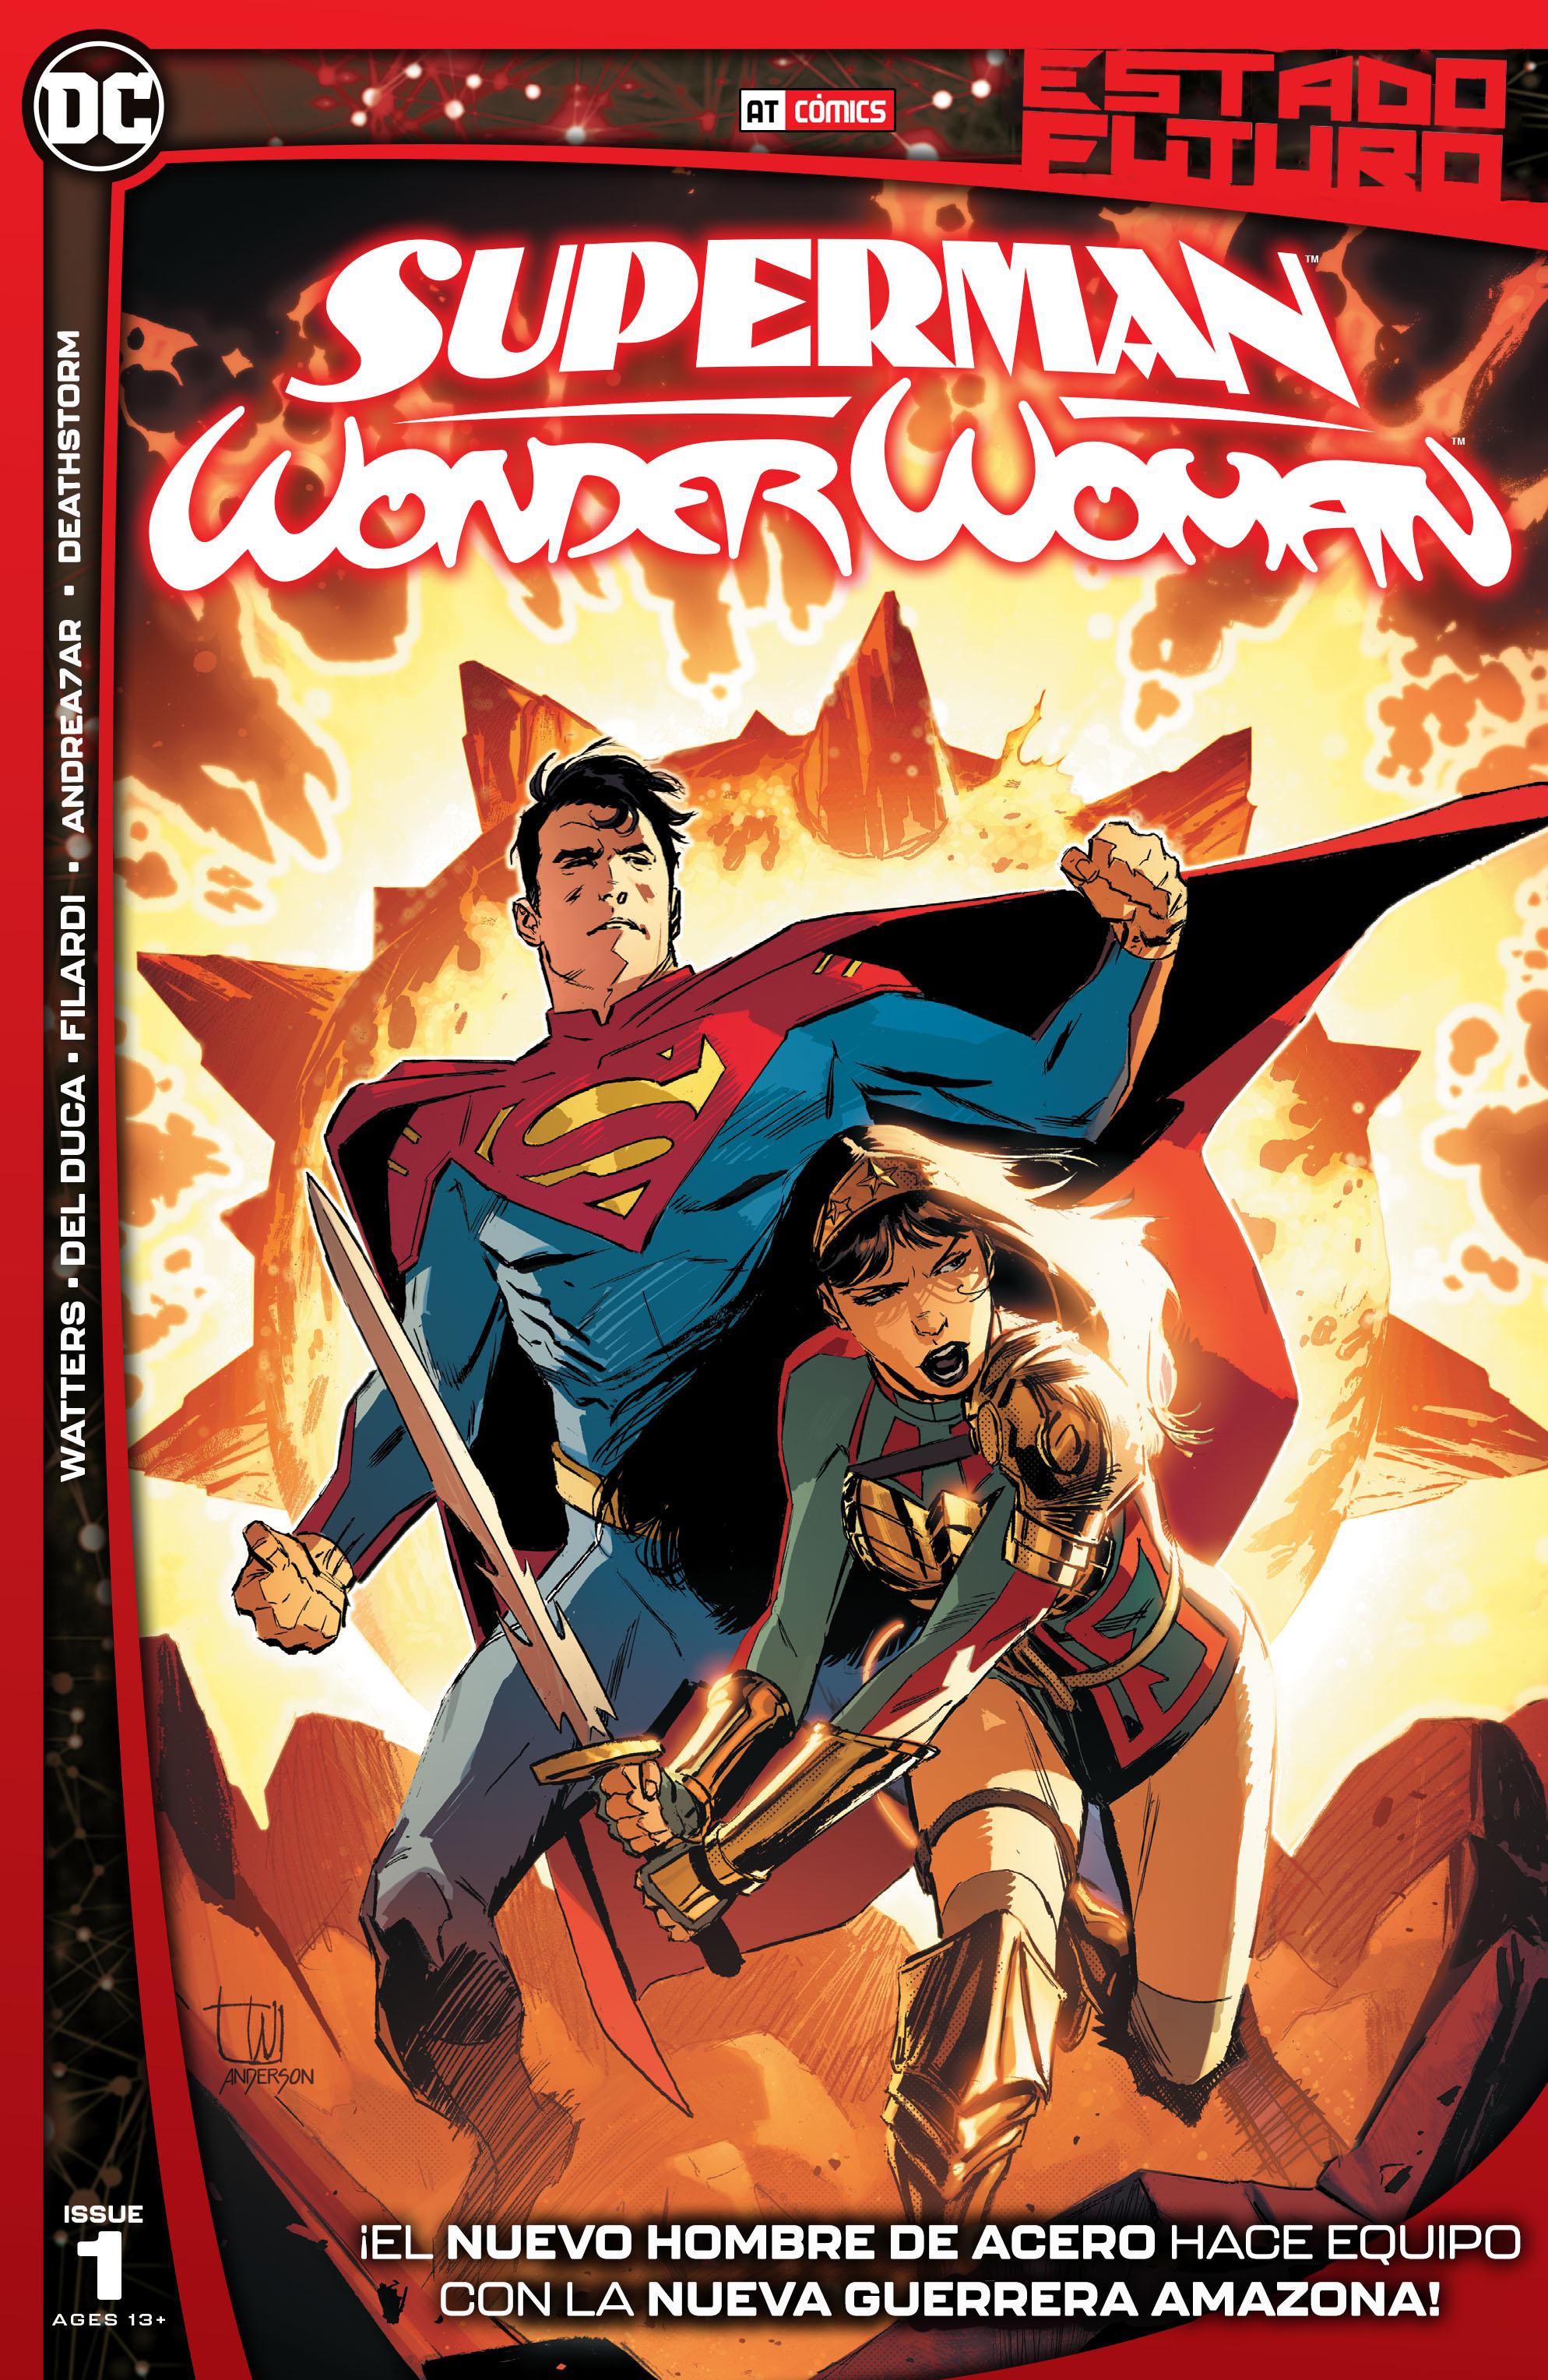 Estado Futuro - Superman - Wonder Woman